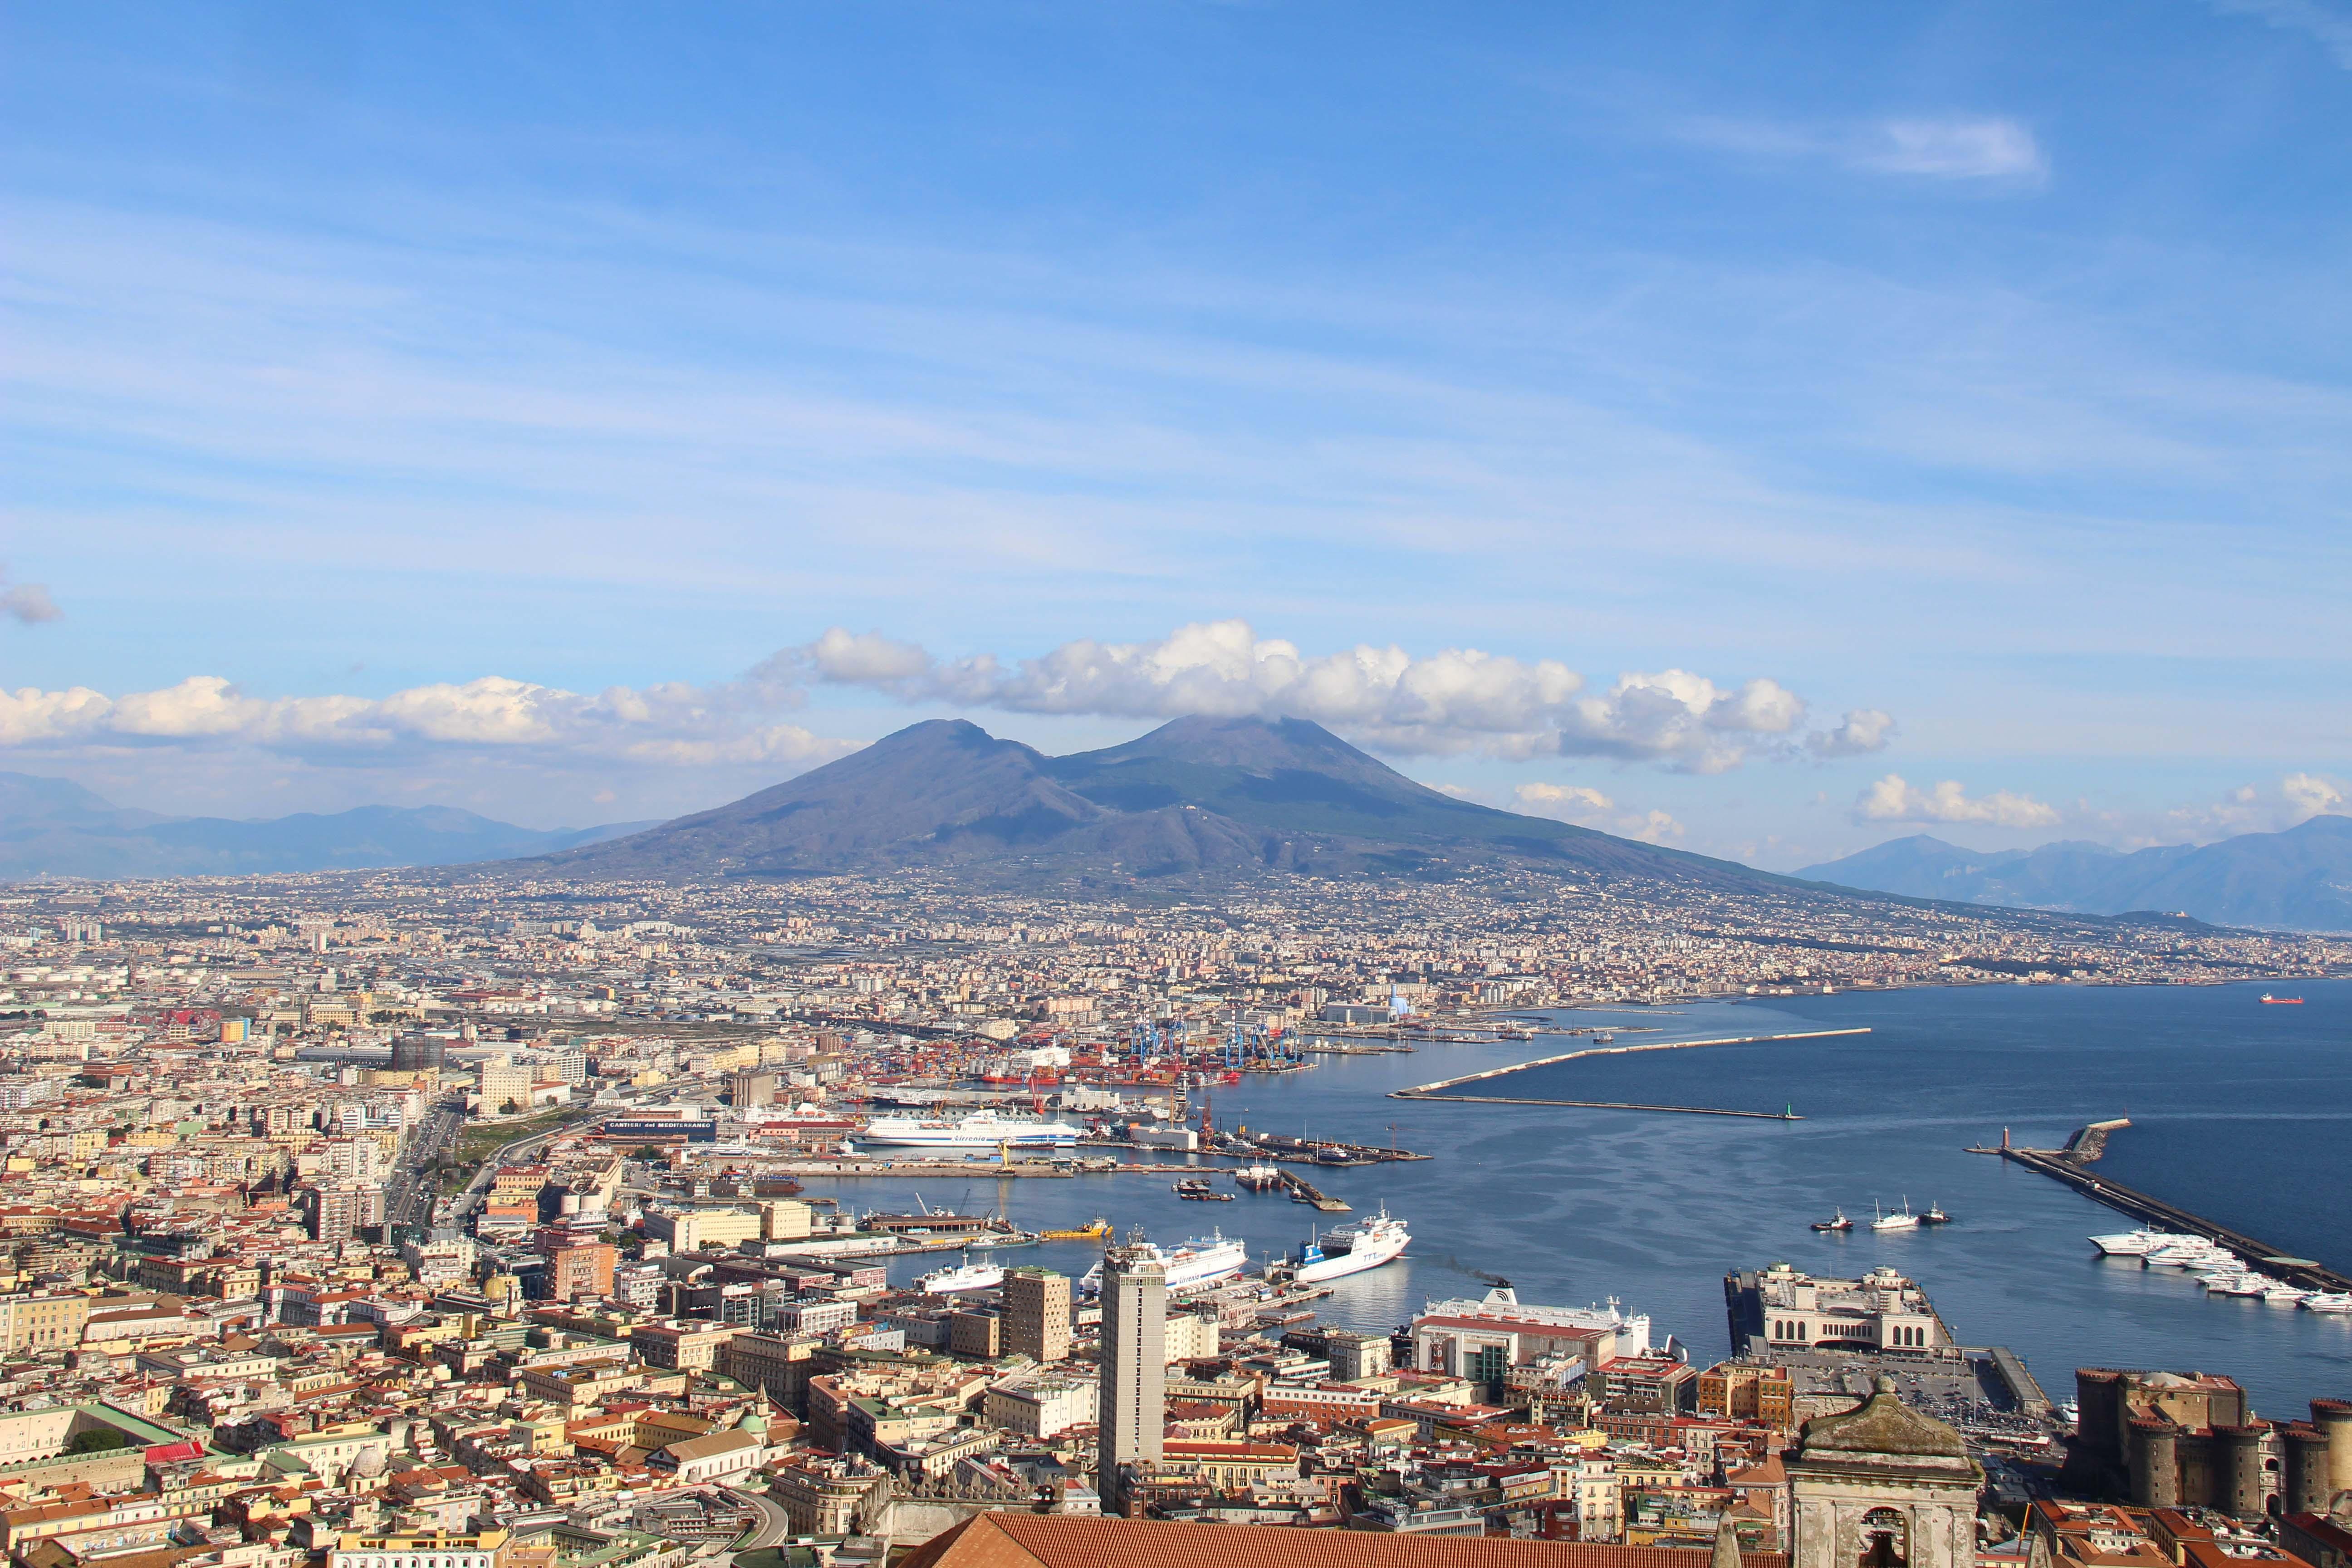 Naples depuis le château Sant'Elmo